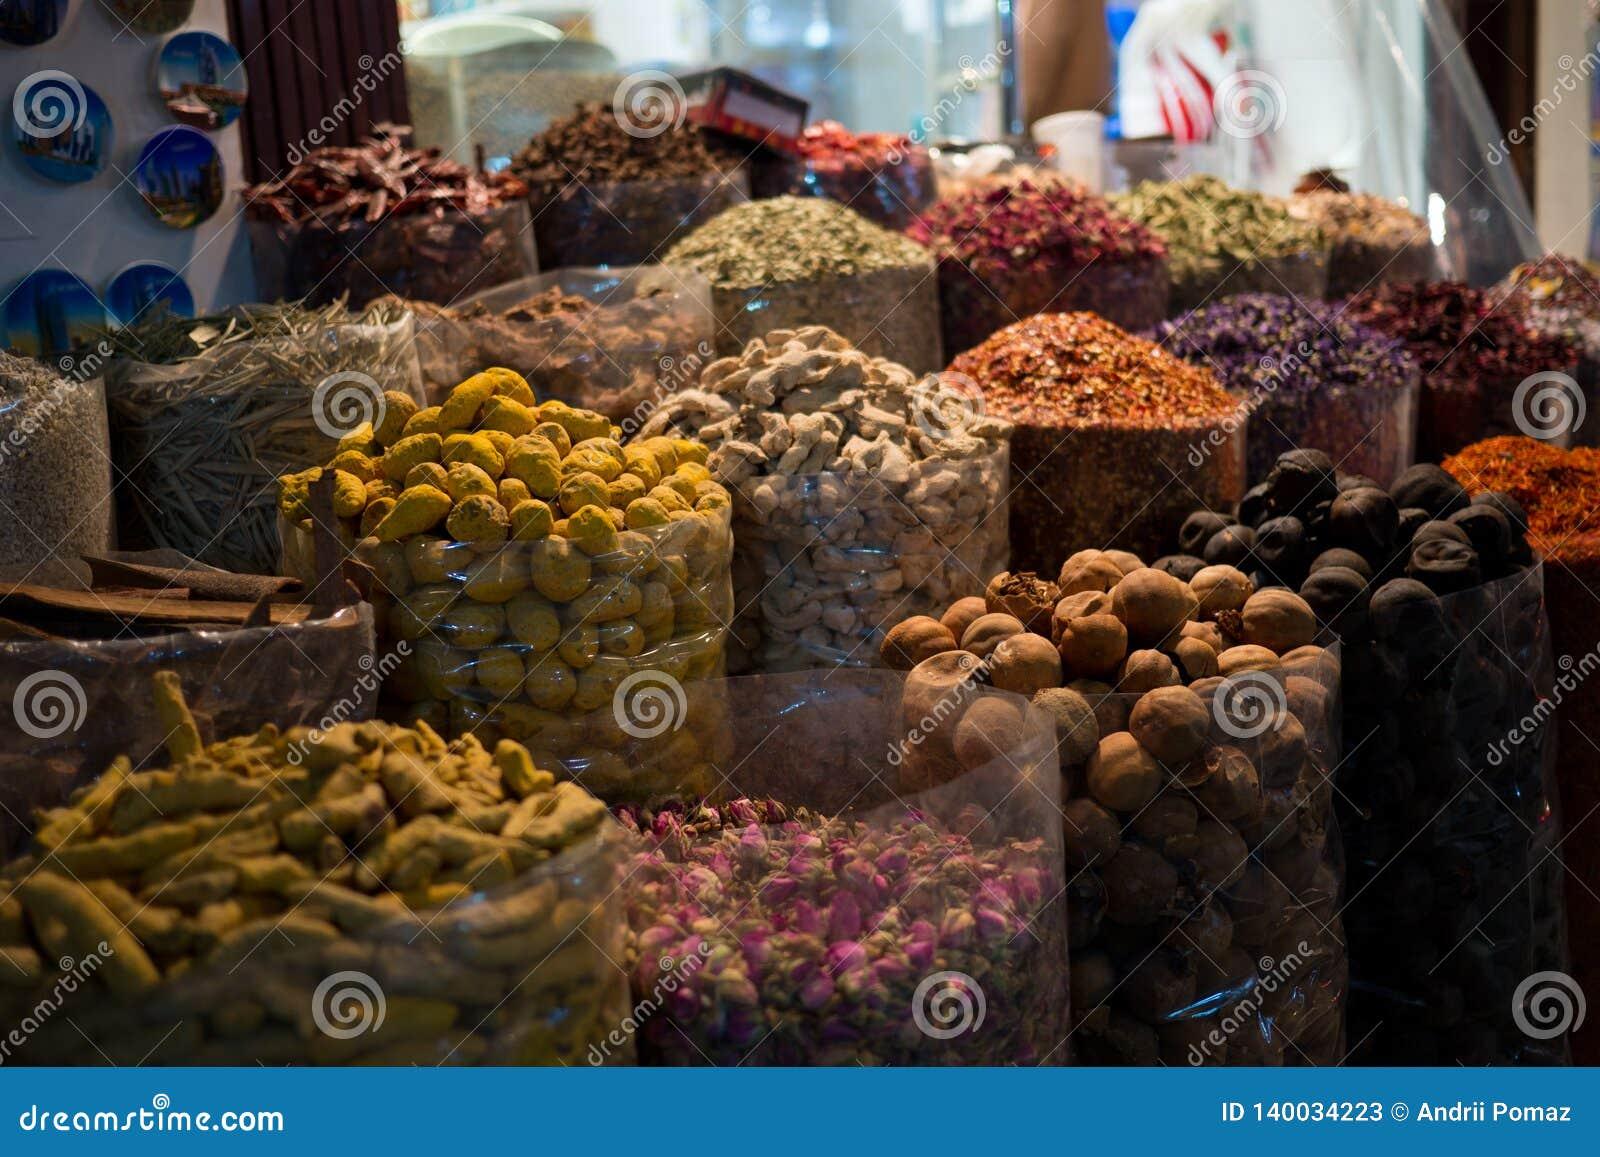 Différentes épices colorées dans des boîtes vendues au marché